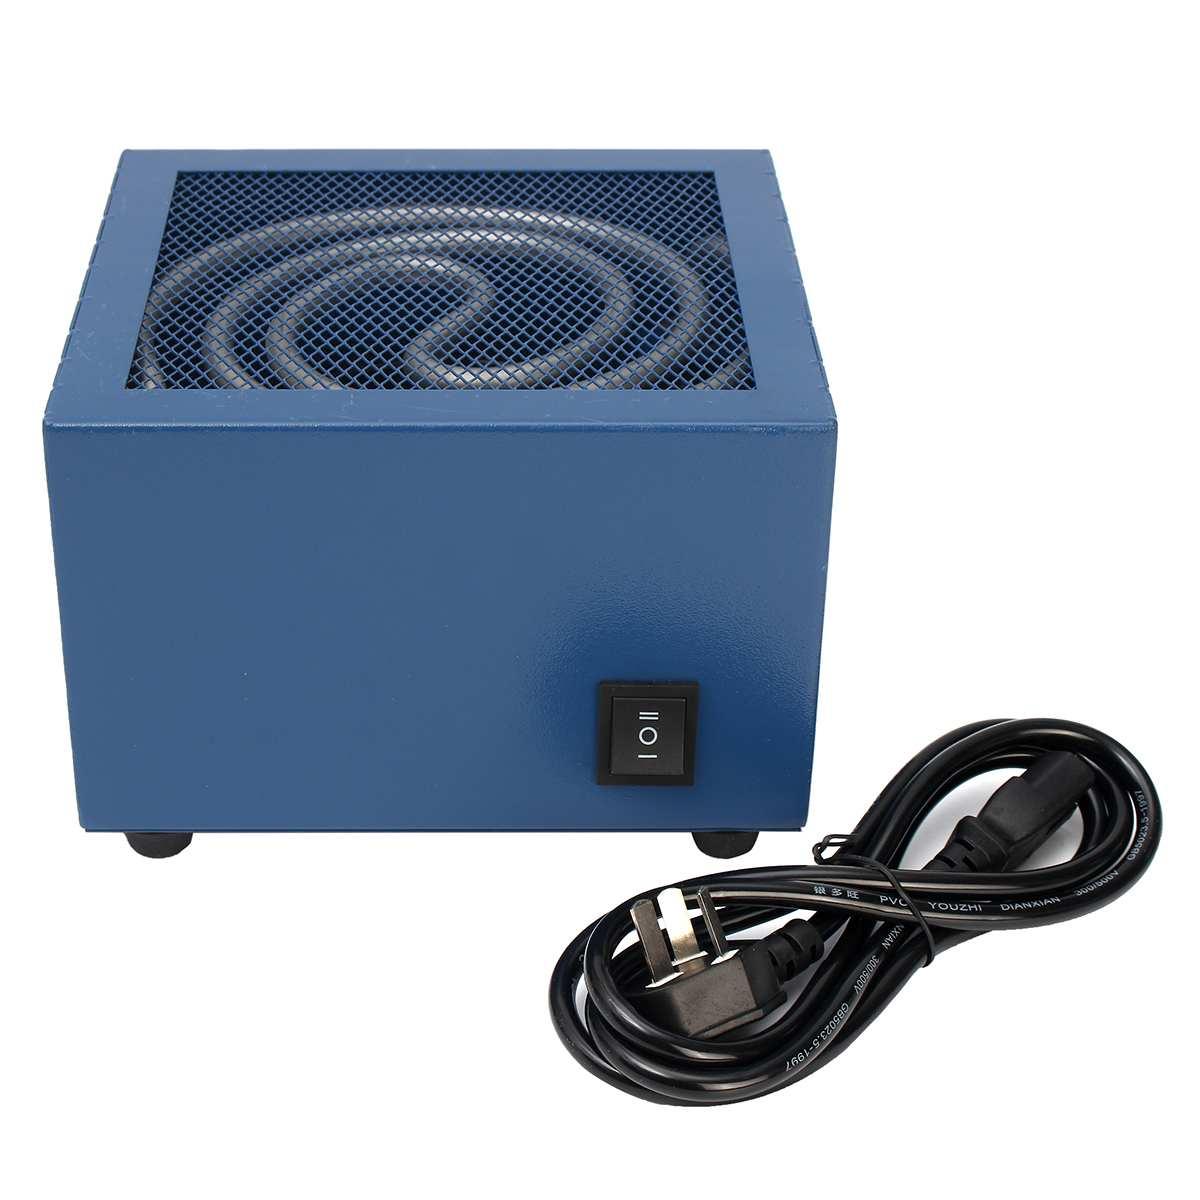 220 В сушилка для часов машина для сушки деталей часов инструмент для ремонта и ювелирных изделий металлические аксессуары для часов инструмент для ремонта горячего воздуха